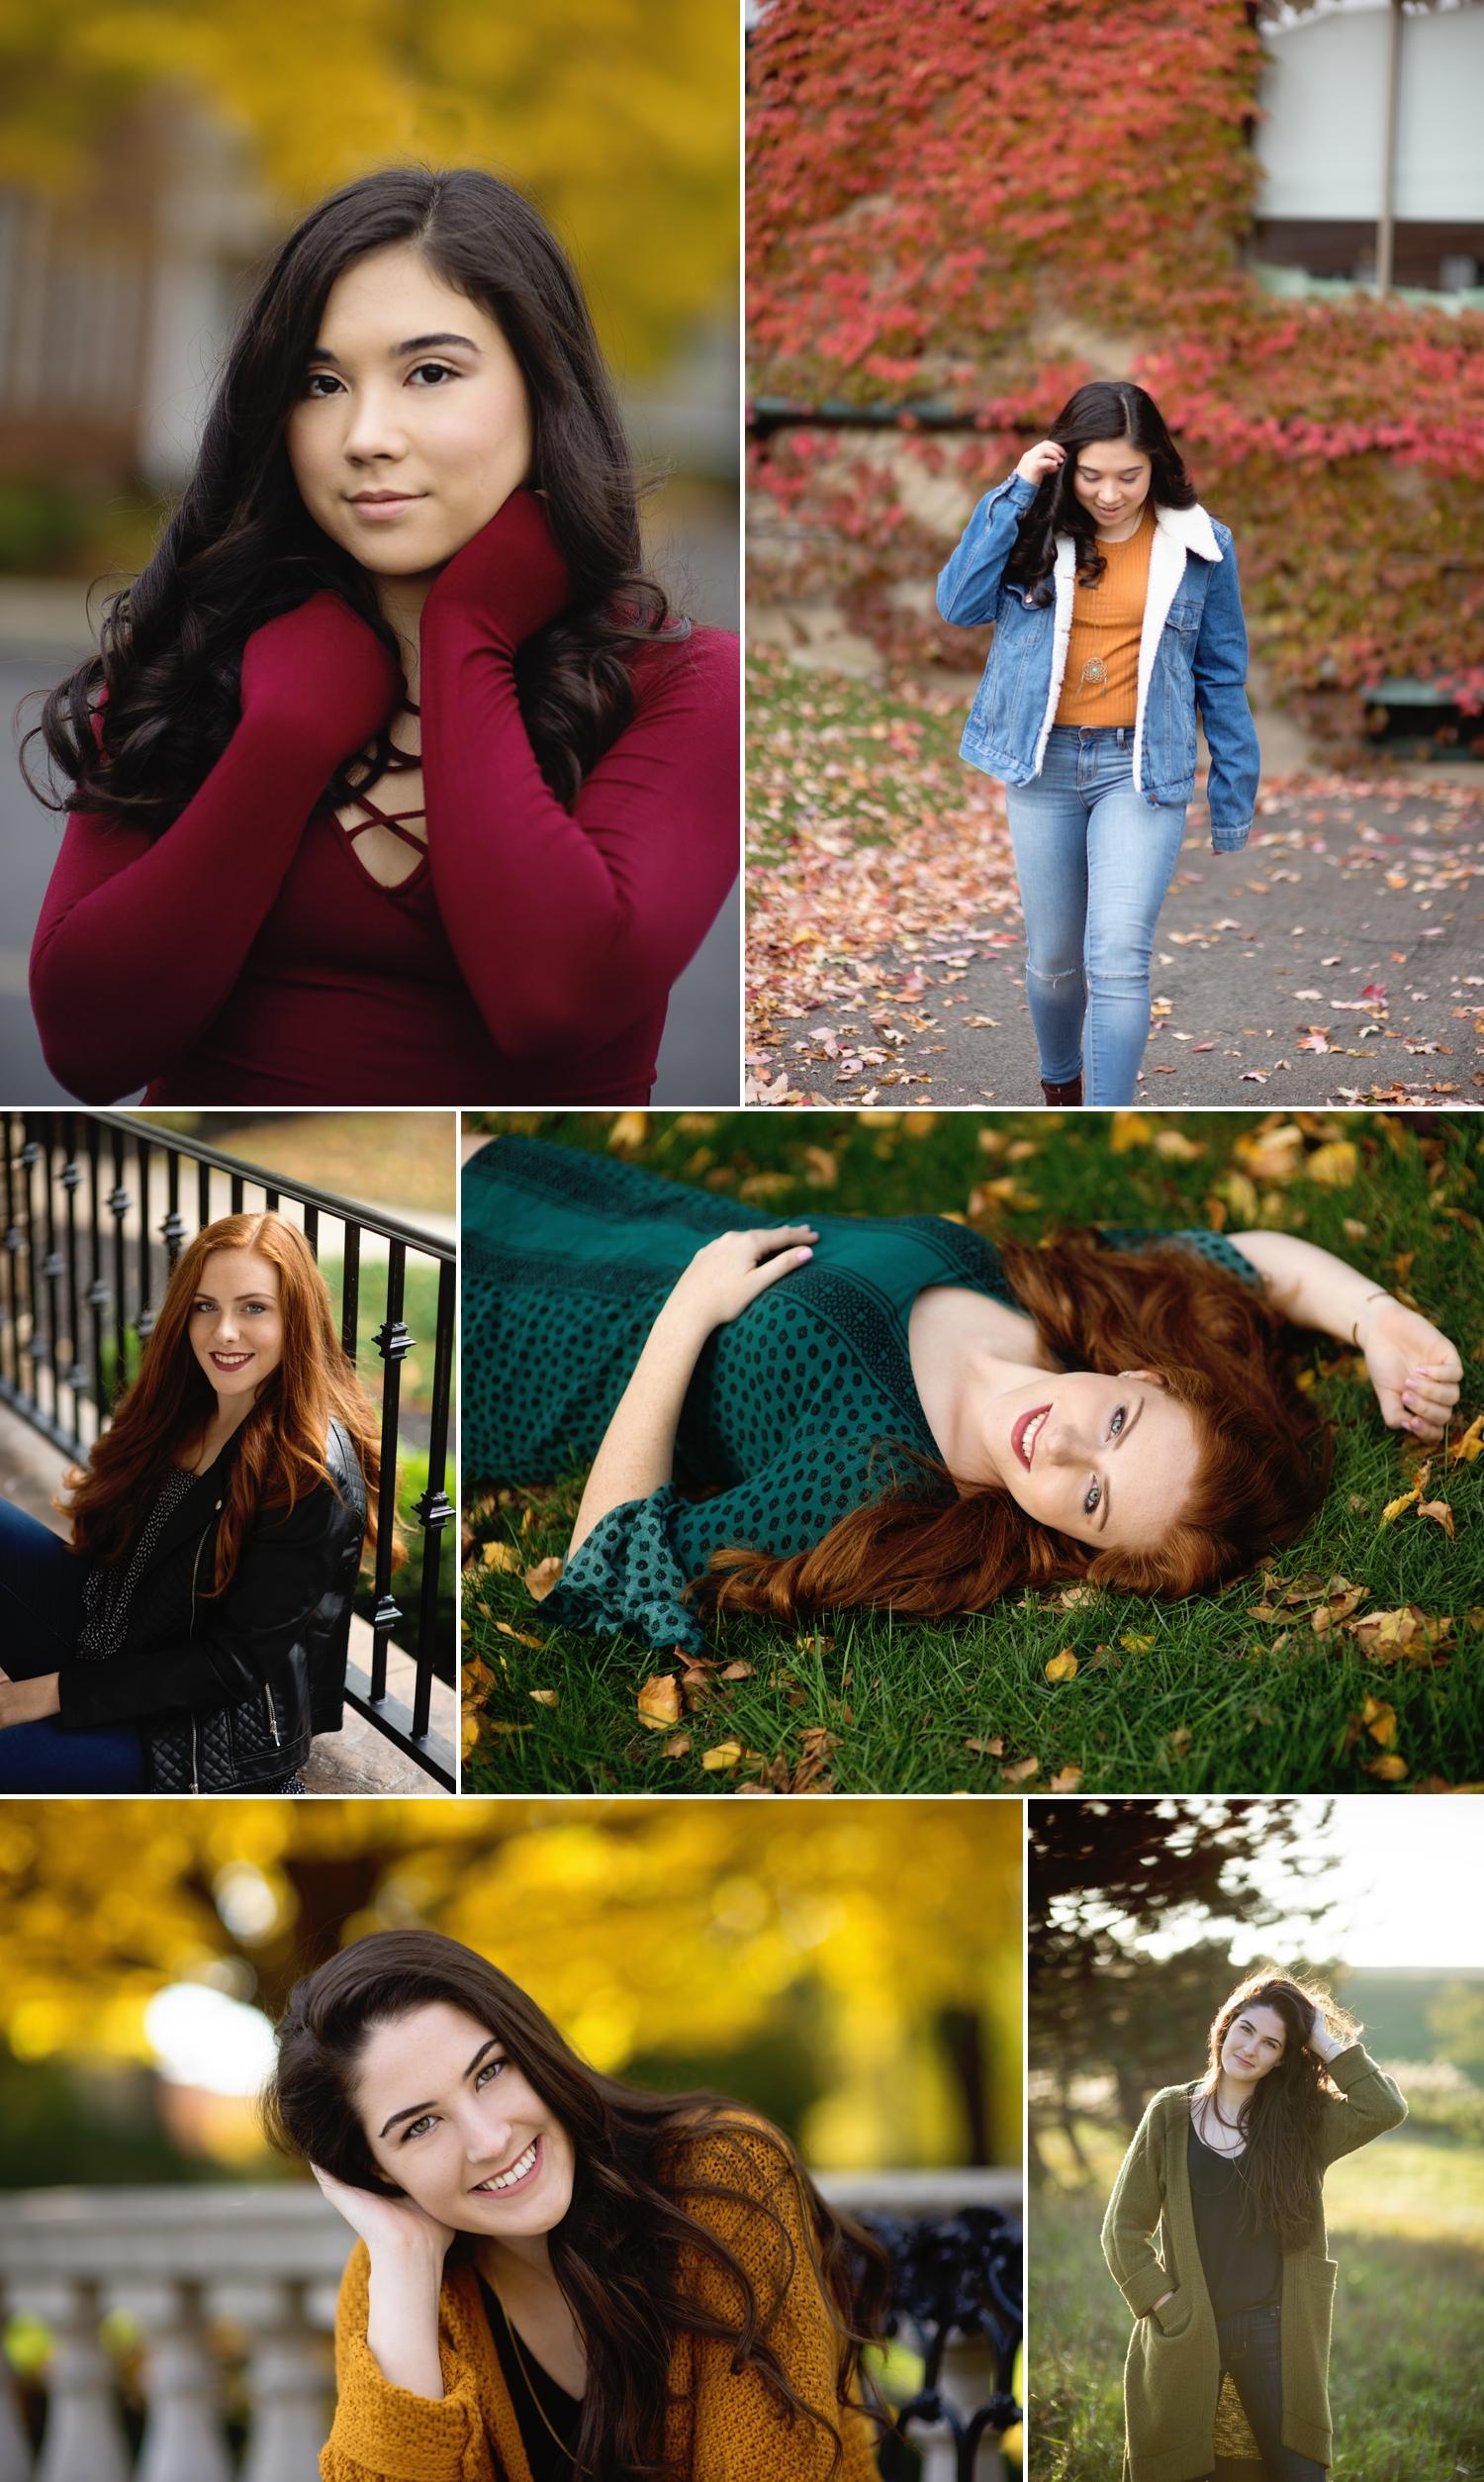 Buffalo NY   Nardin Academy   Senior Portraits